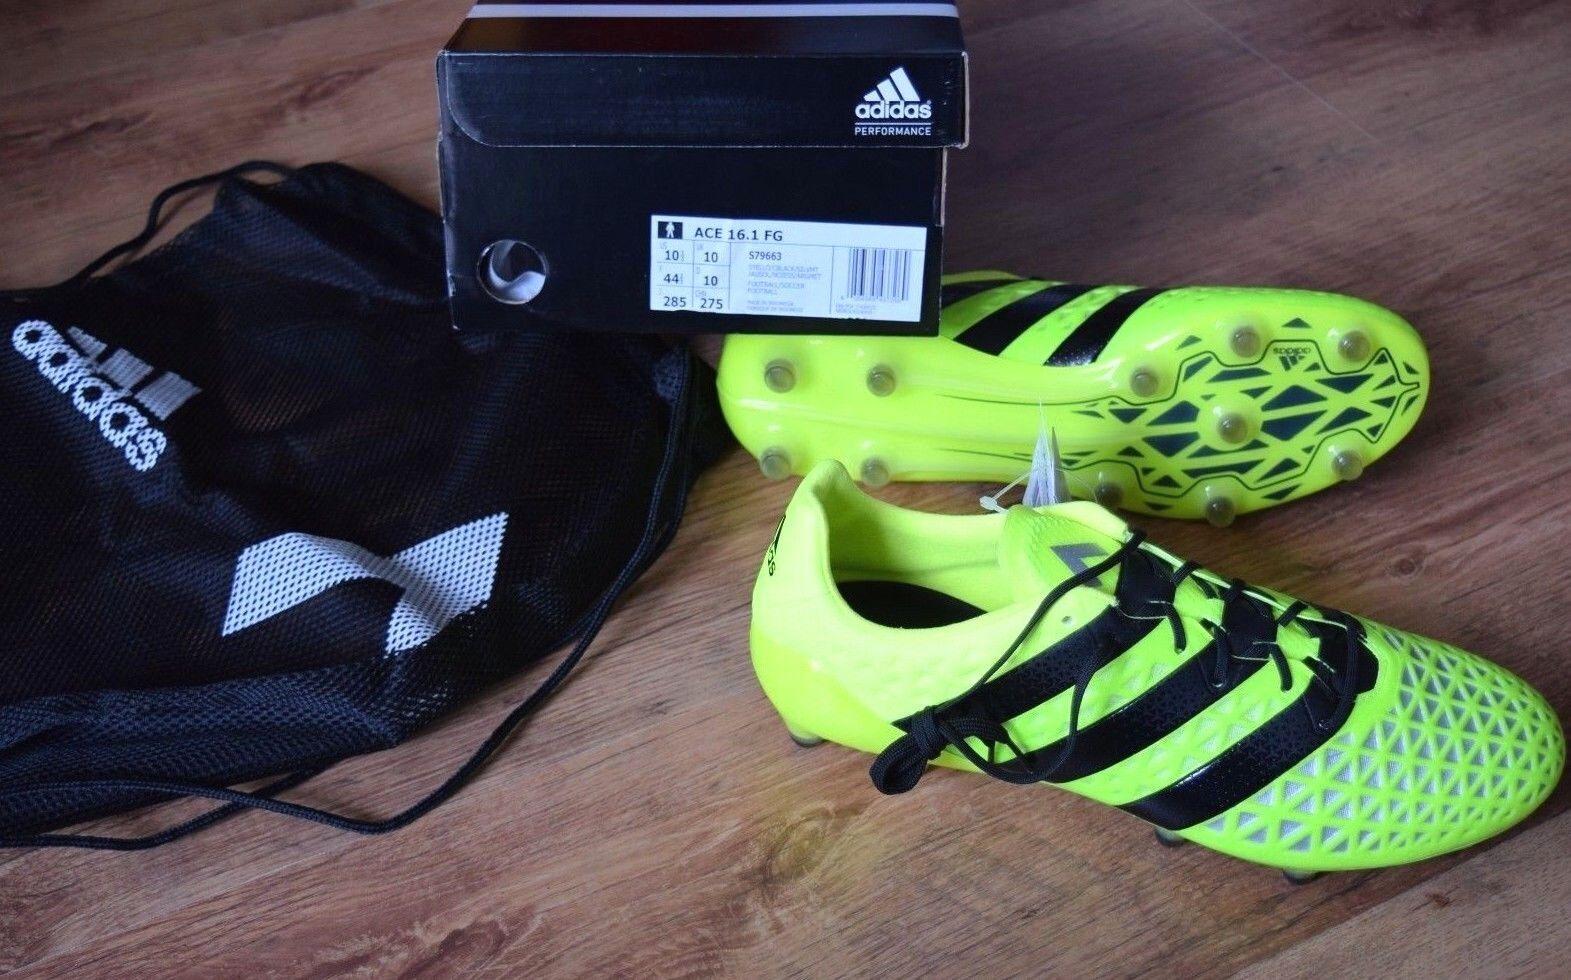 Adidas Ace 16.1 Fg 42,5 43 44 44,5 45 46 47 48 S79663 Sautope da Calcio Prossoator